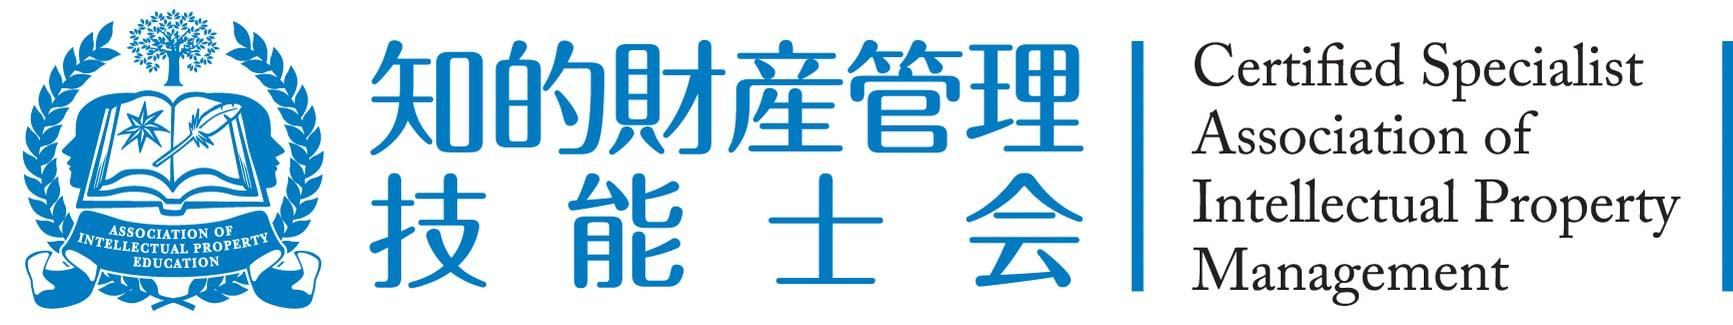 新井信昭先生出版記念セミナー「伝え方を変えれば9割伝わる!」